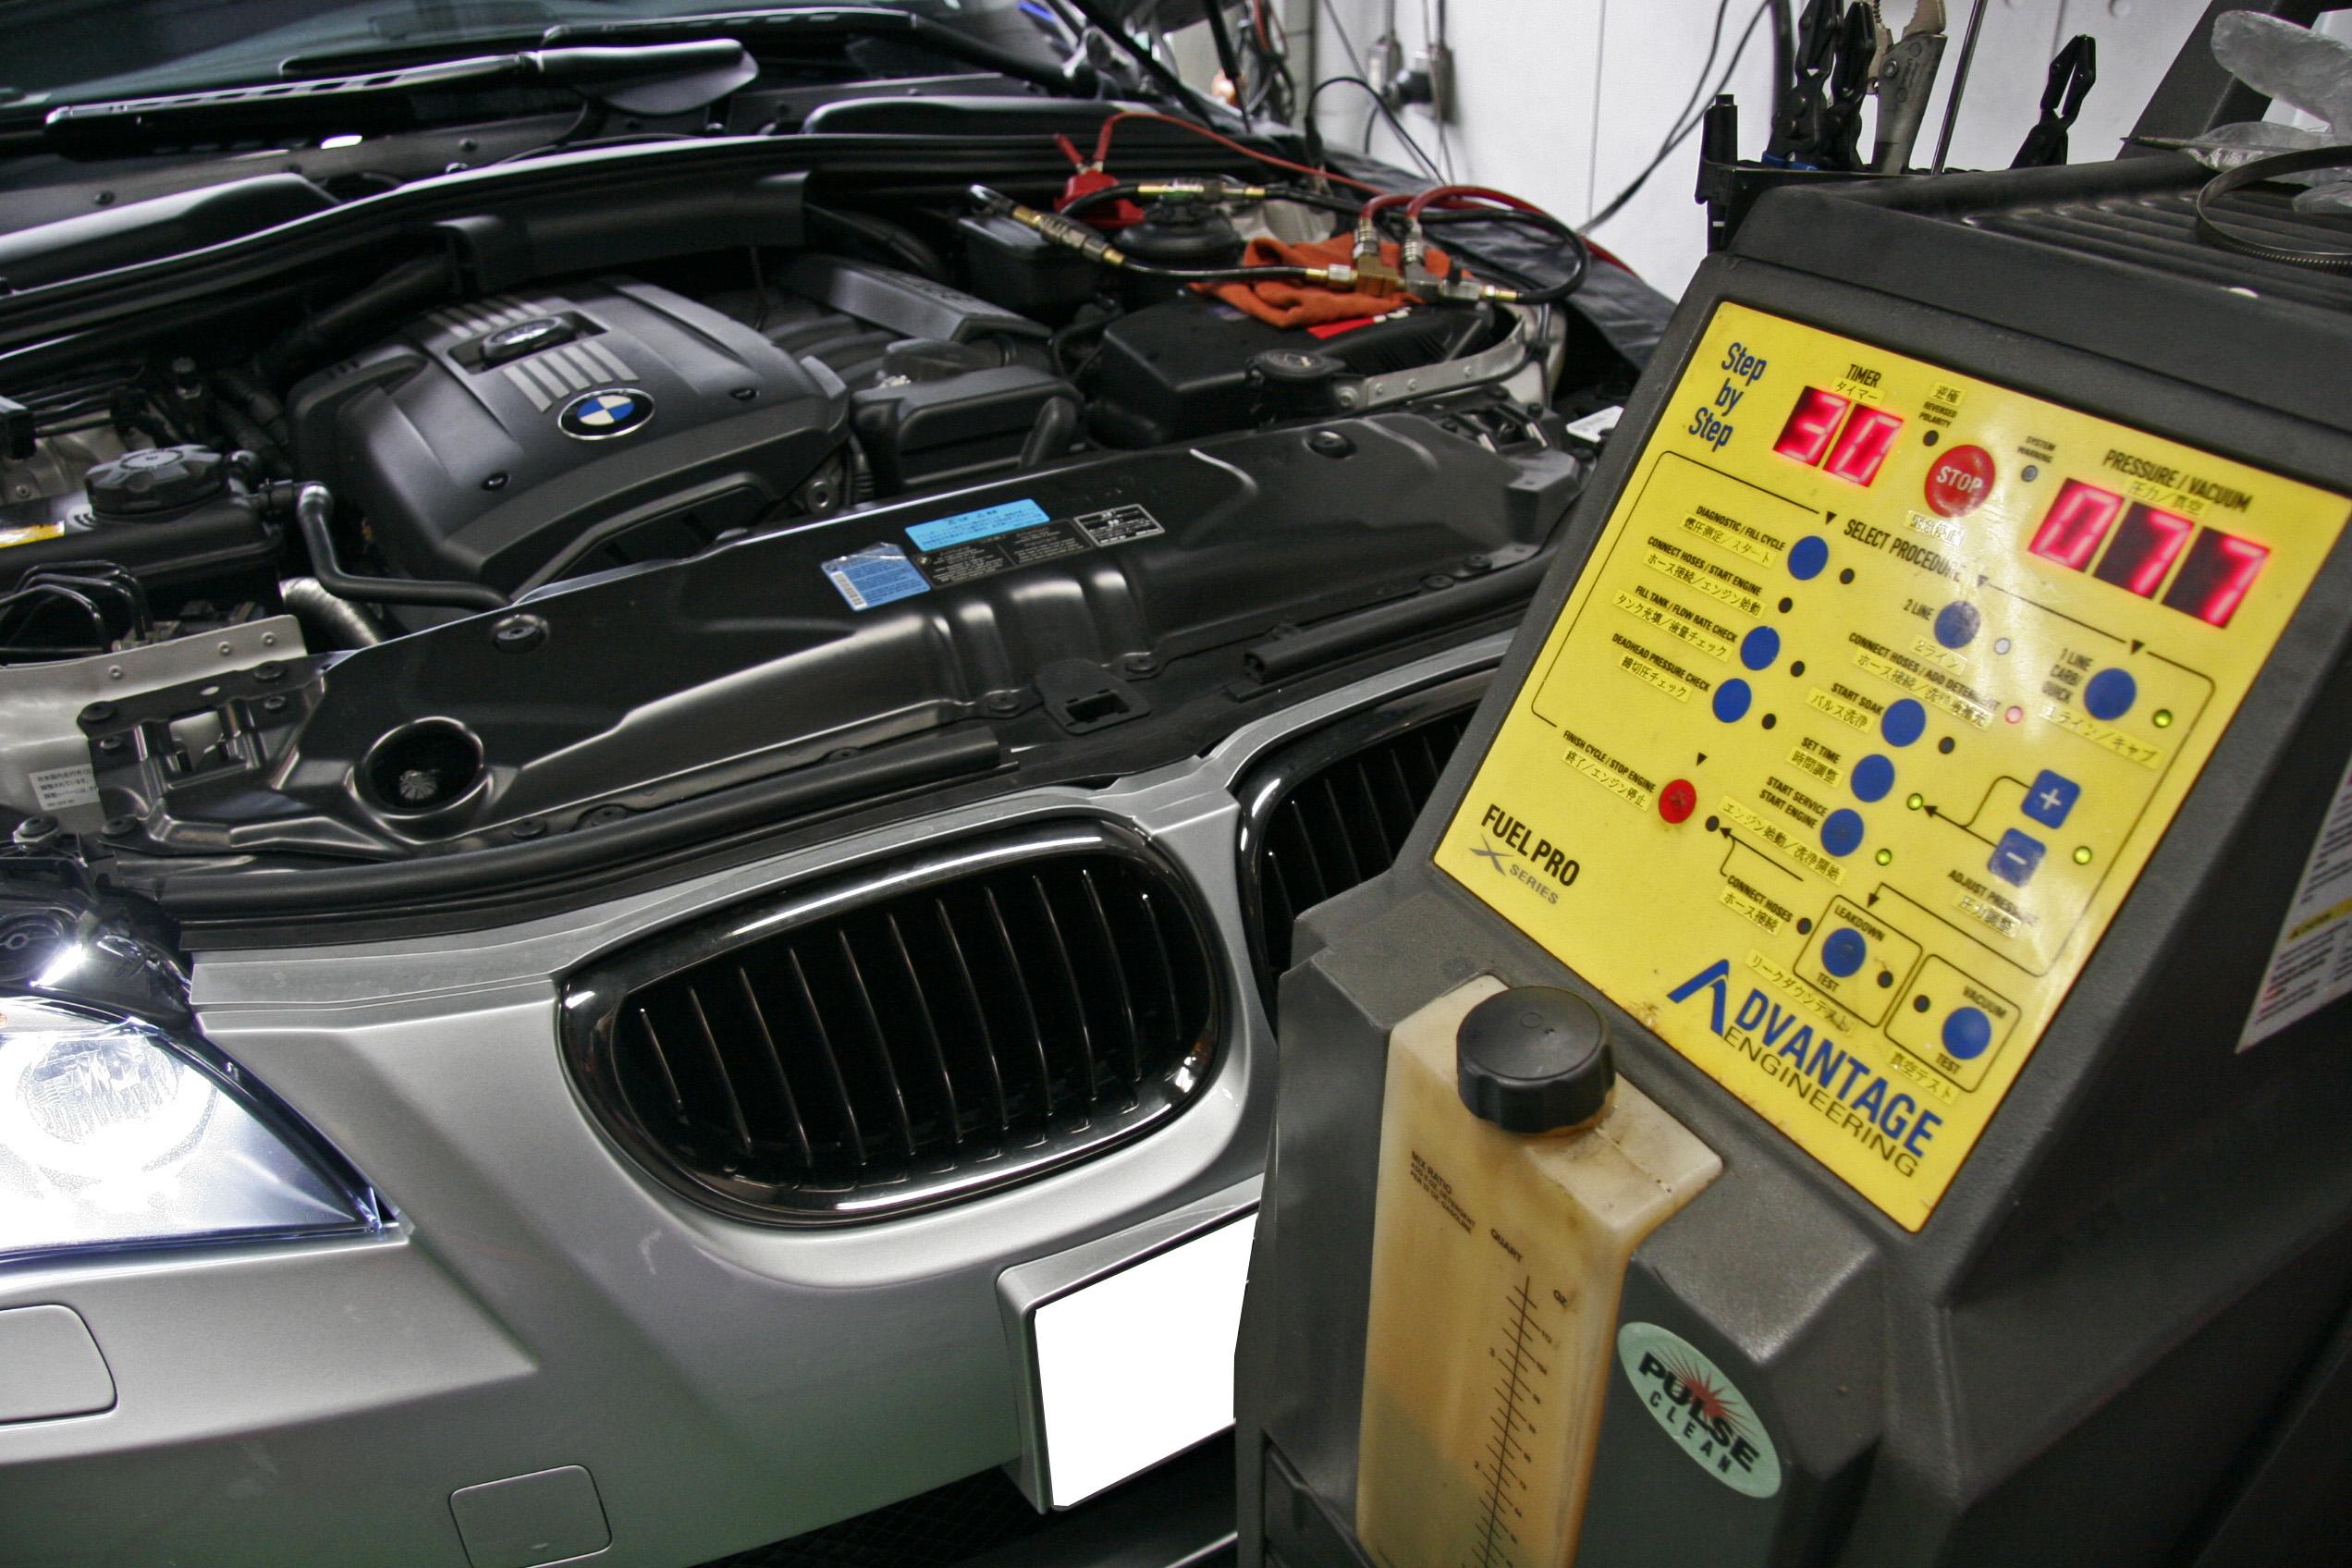 ADVANTAGE カーボンクリーン BMW E60